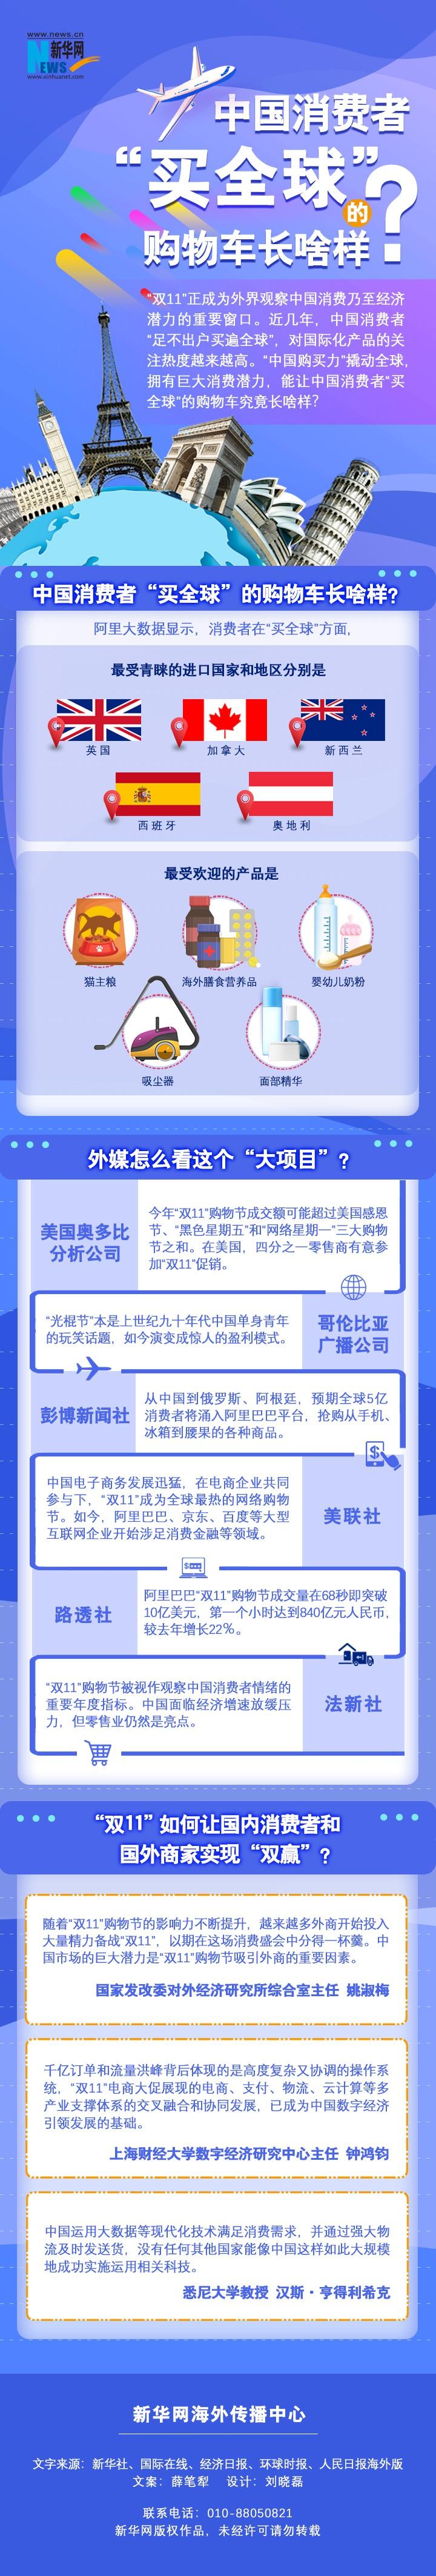 力博平台-海南天然橡胶产业集团股份有限公司关于控股子公司海垦林产获得高新技术企业证书的公告